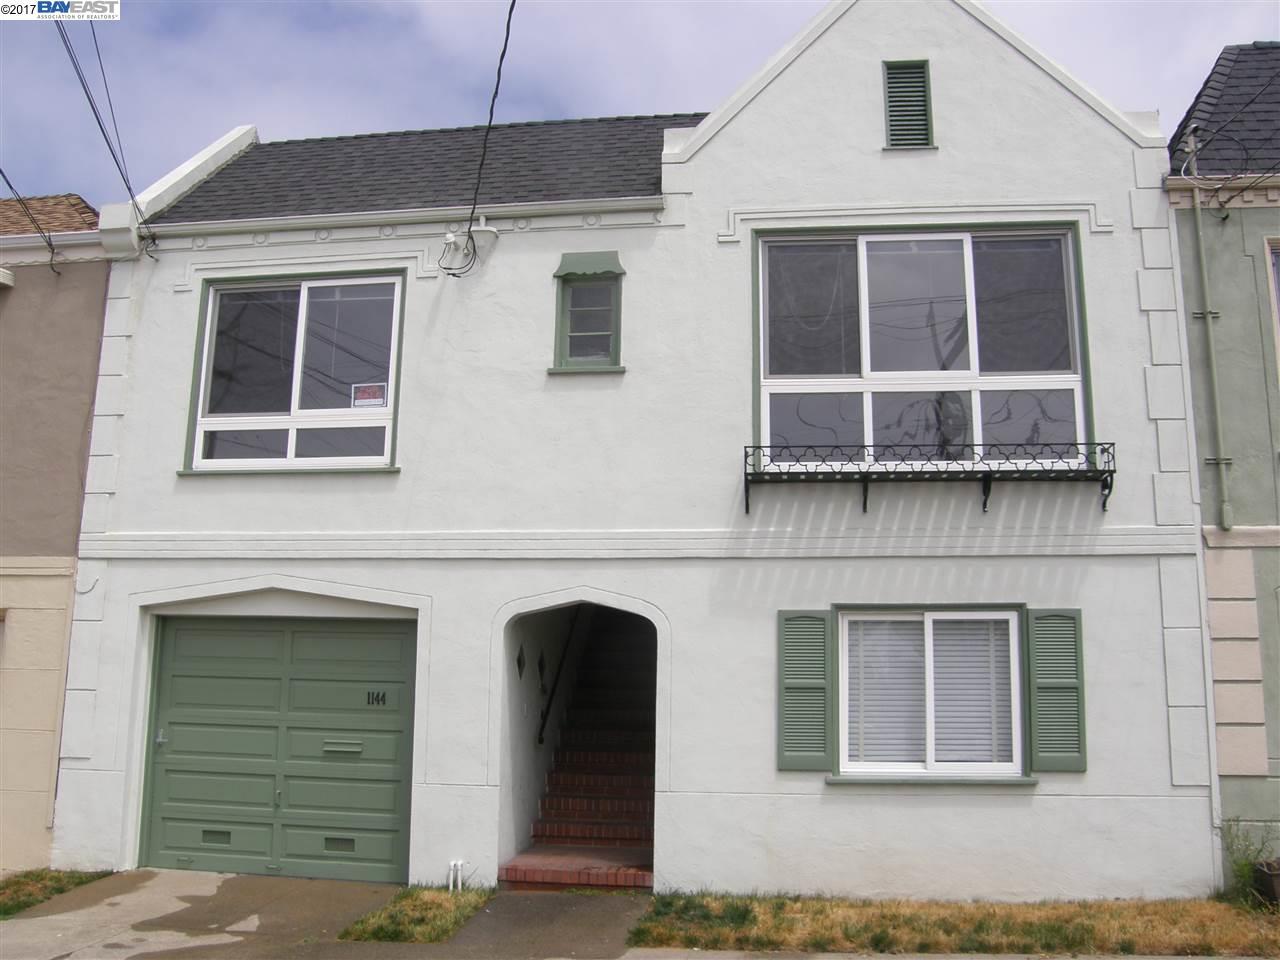 1144 Quintara Street, SAN FRANCISCO, CA 94116